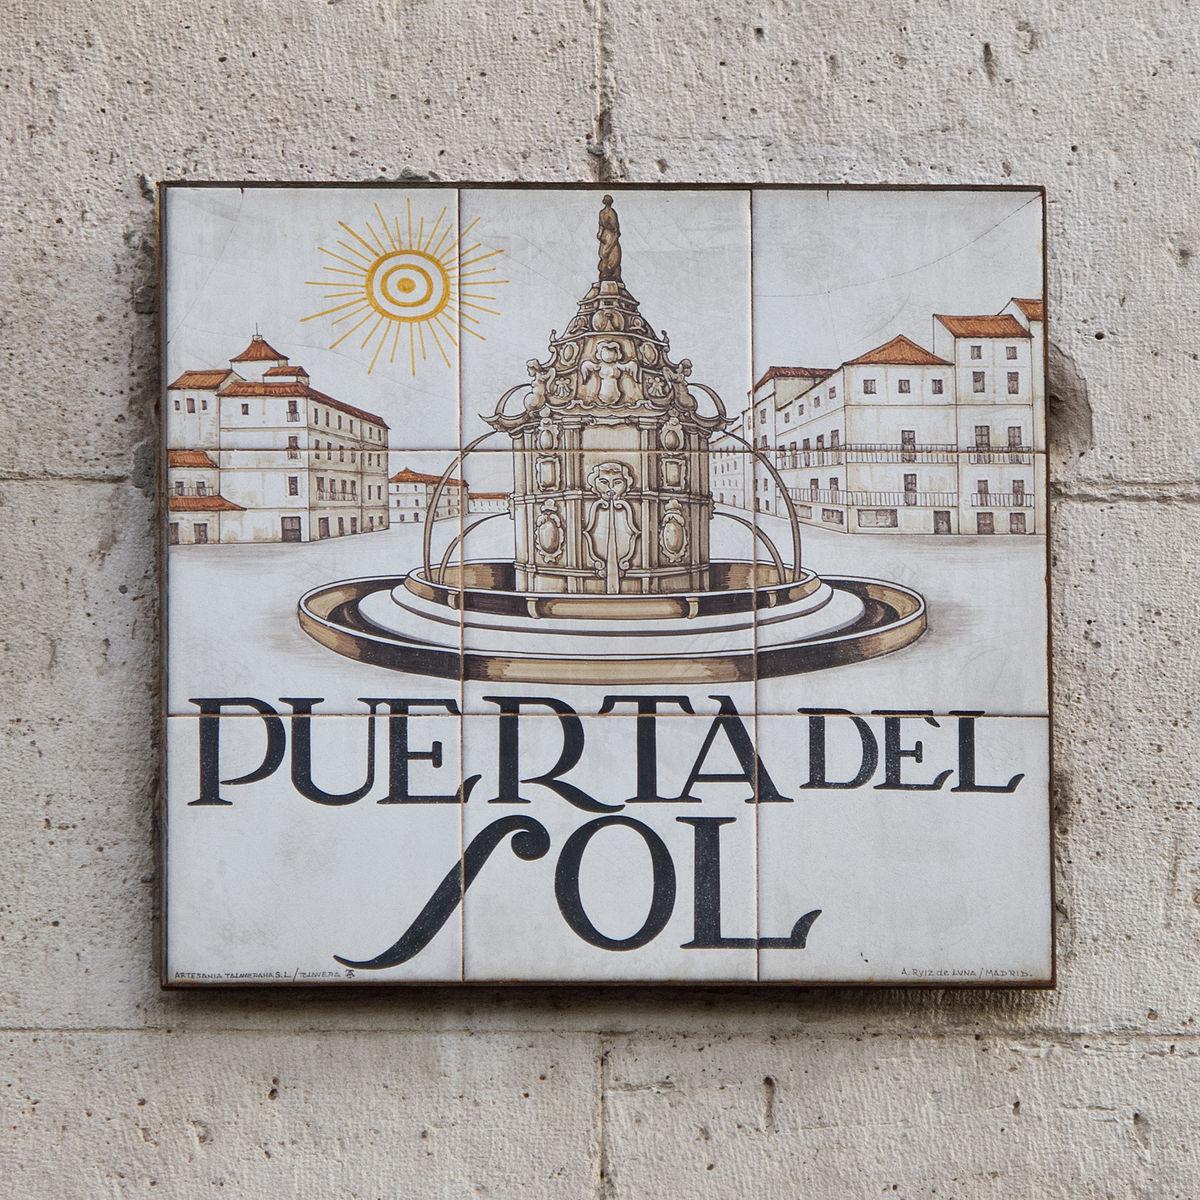 Puerta del sol wikipedia for Puerta 7 foro sol